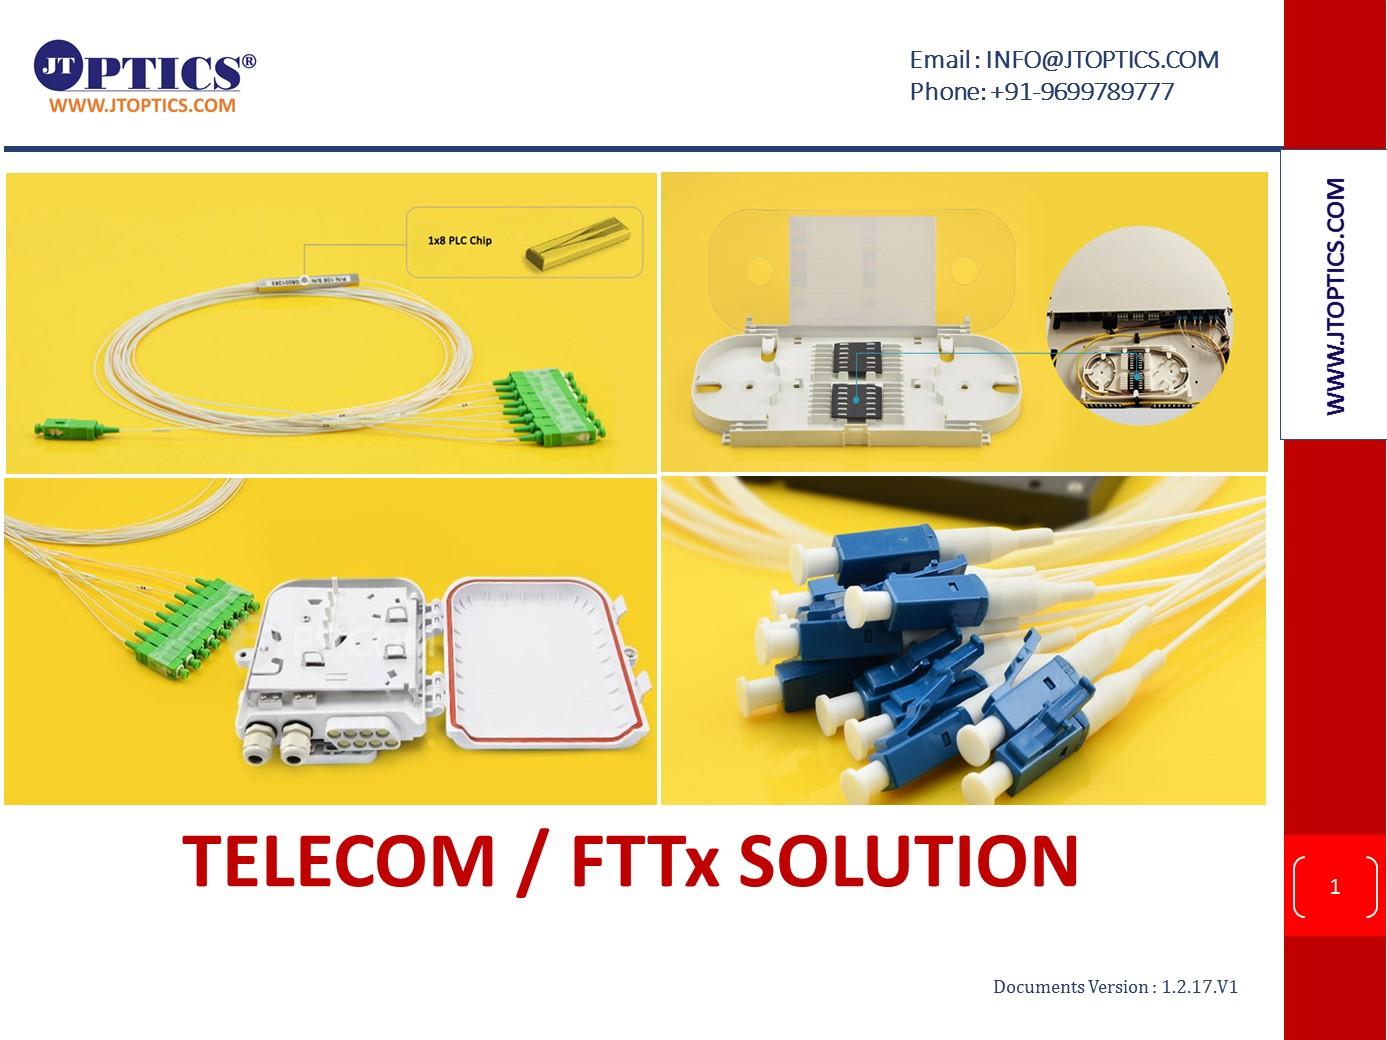 Telecom Solution